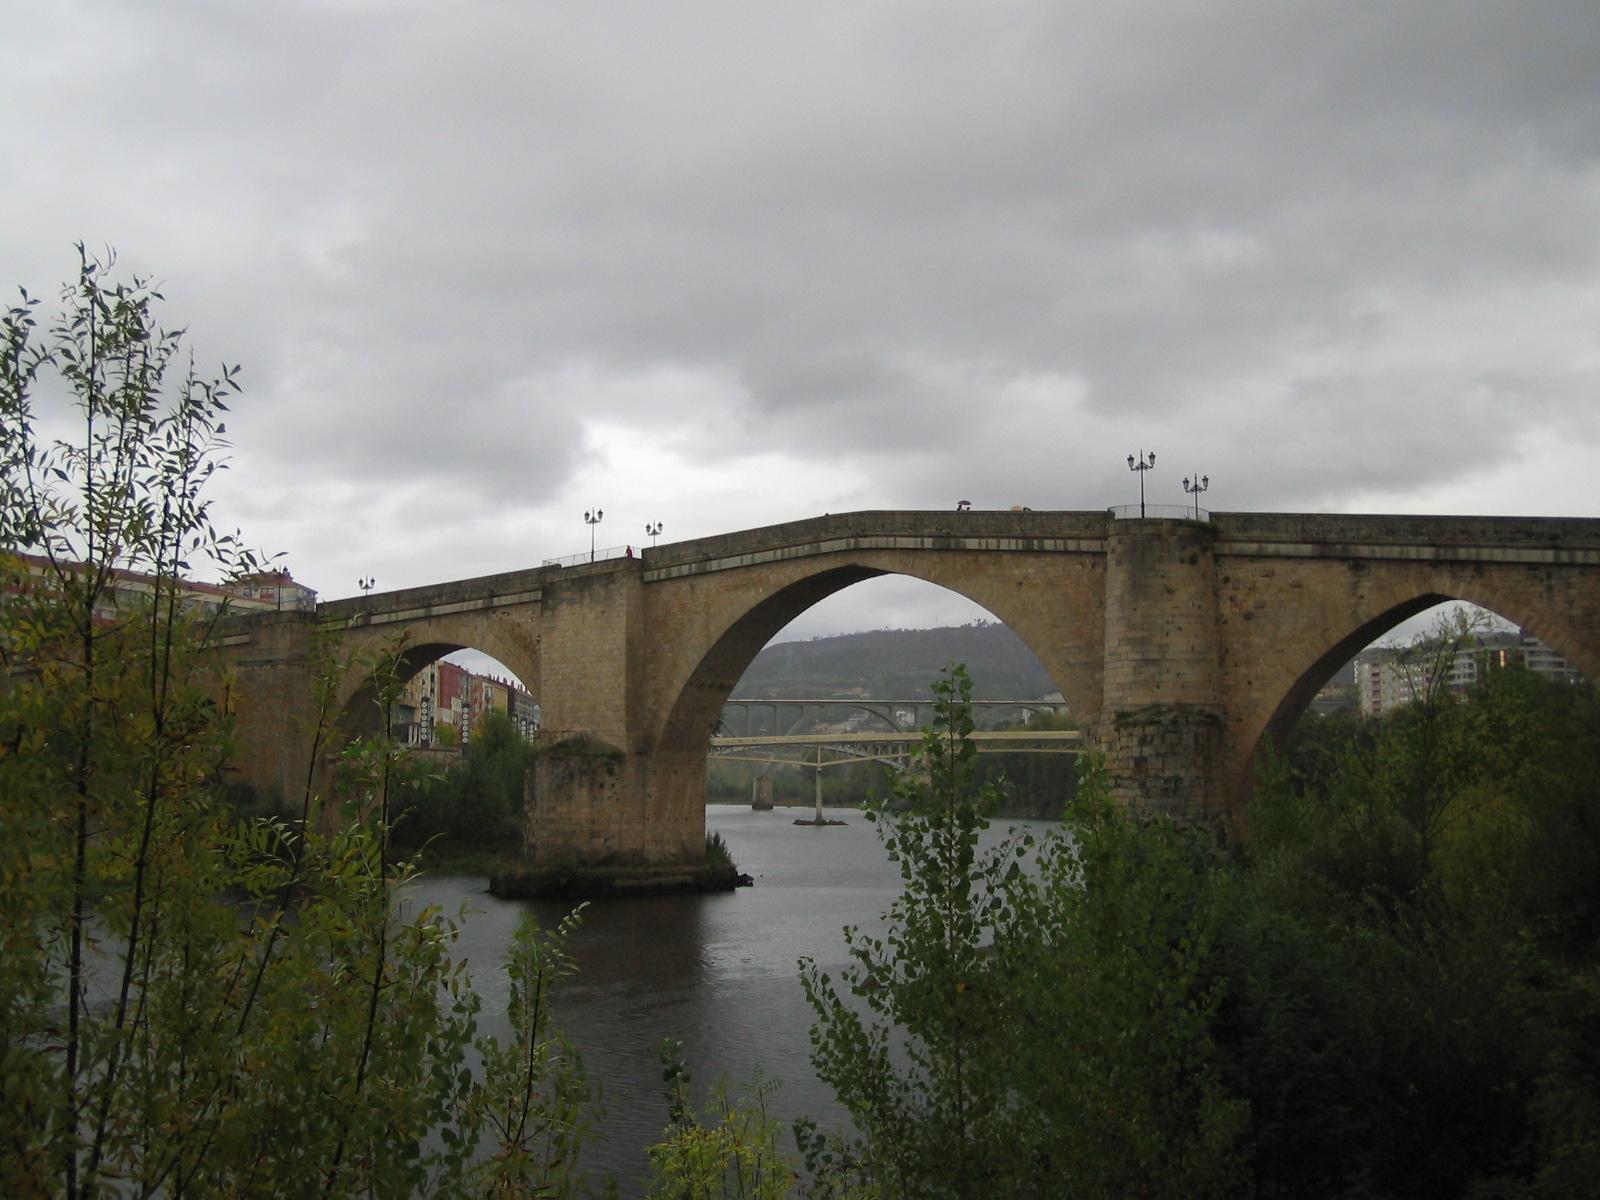 File:Puente romano.jpg - Wikimedia Commons